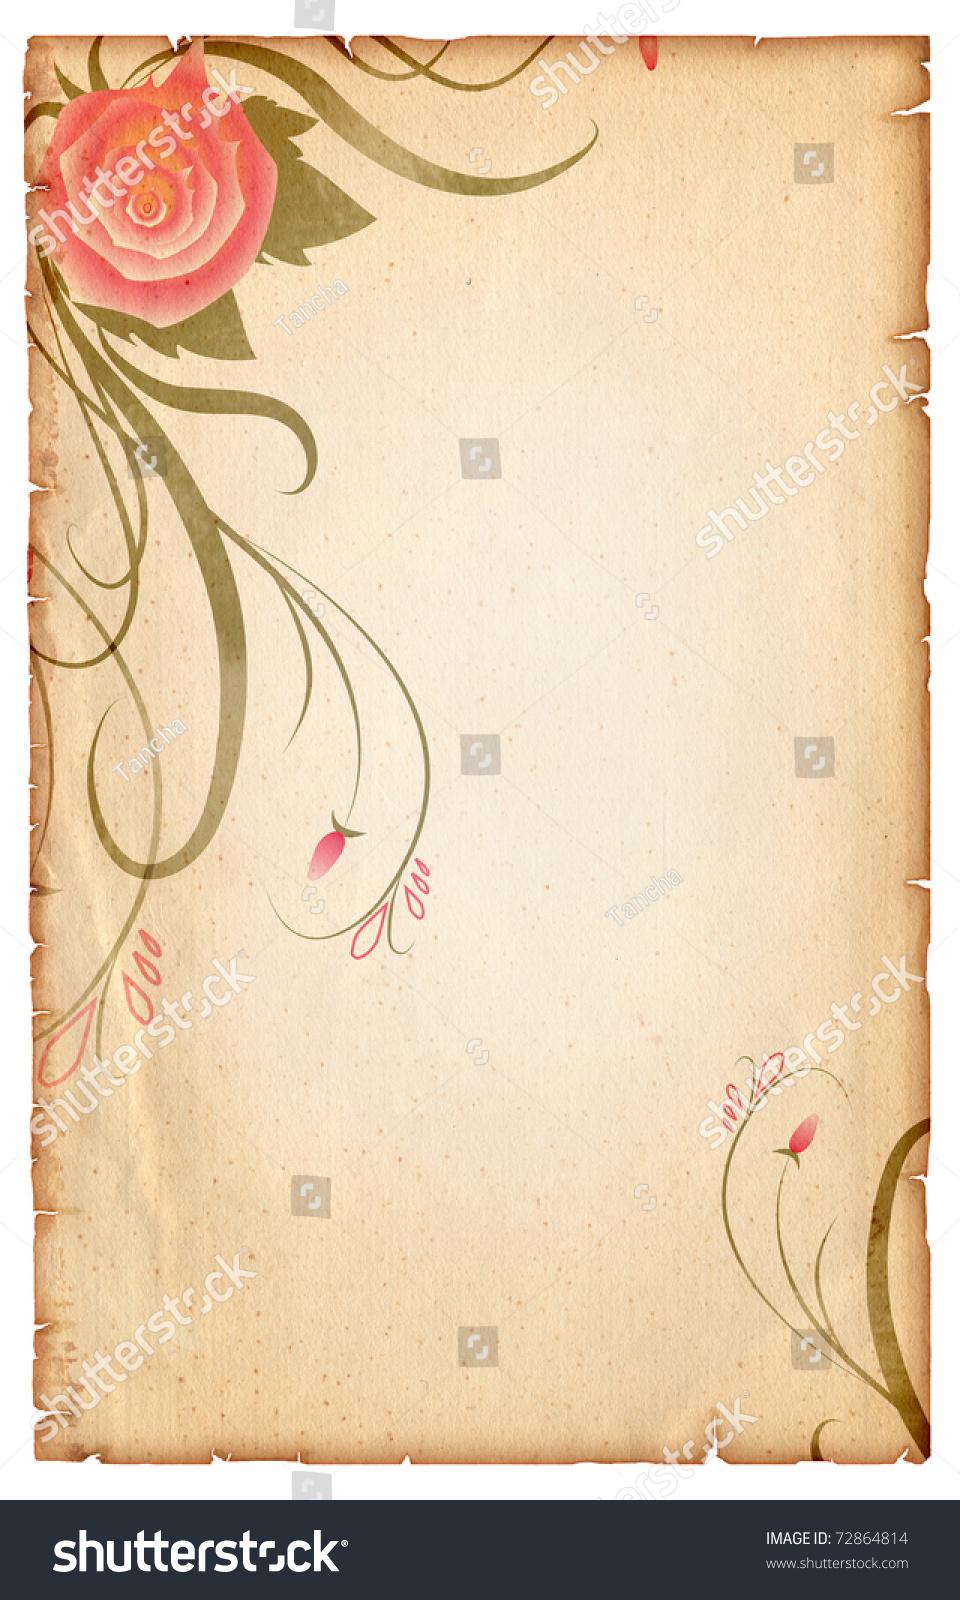 花卉年份背景:旧纸卷轴与玫瑰-背景/素材,插图/剪贴图